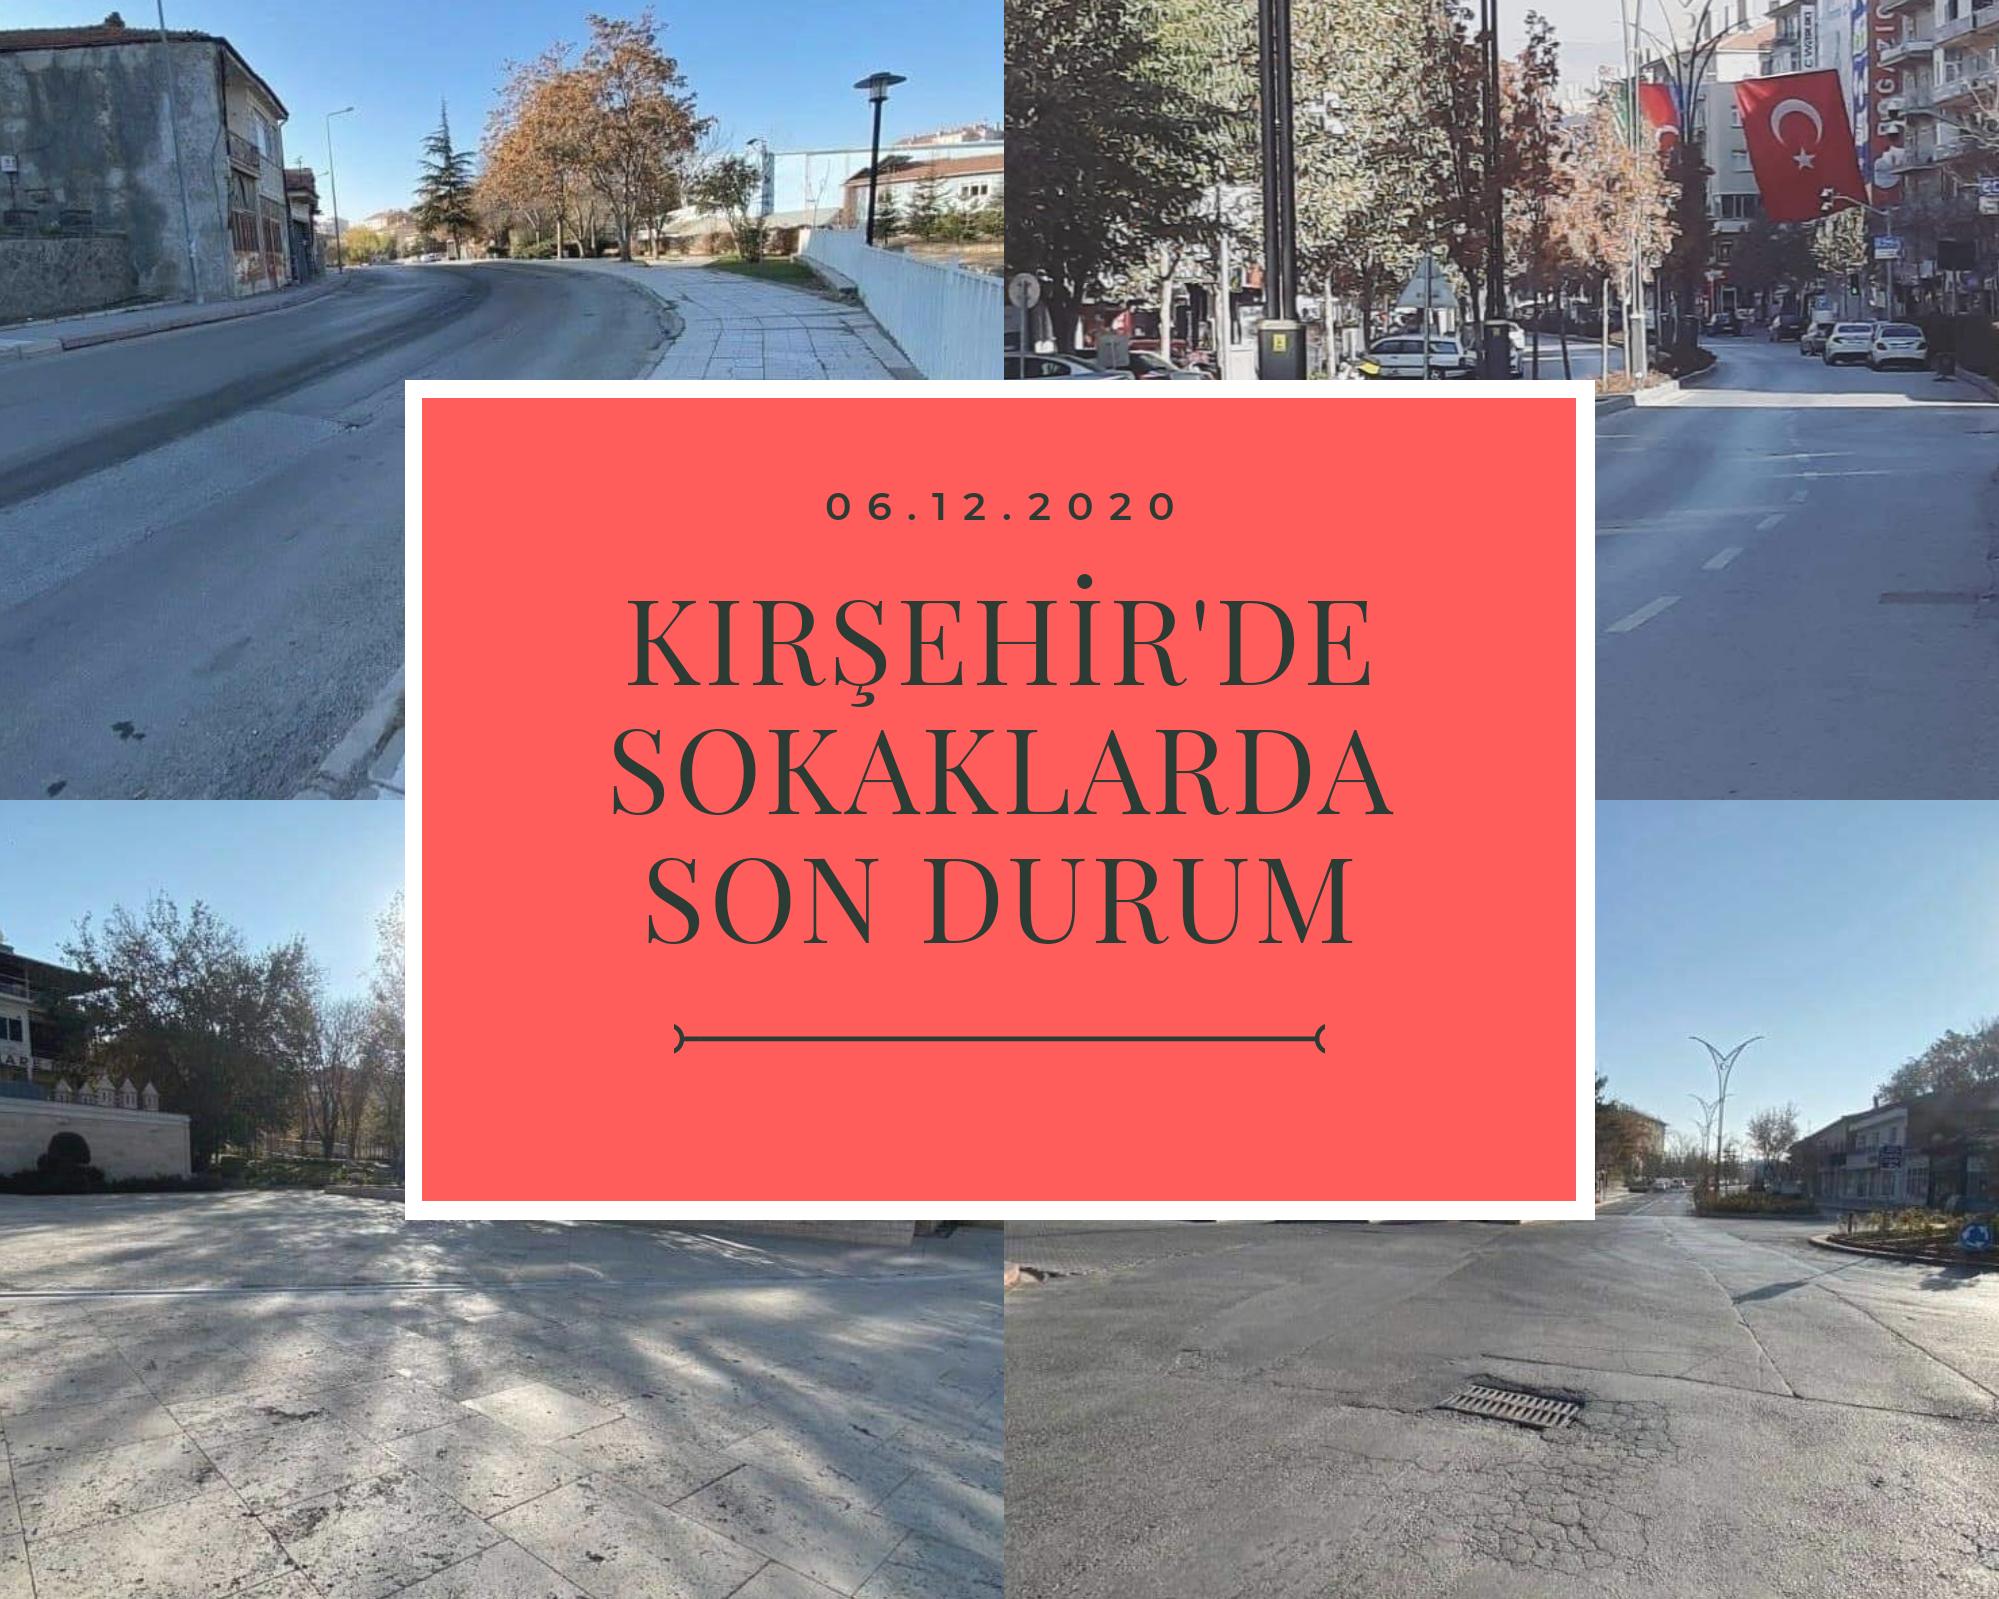 Kırşehir'de sokaklarda son durum